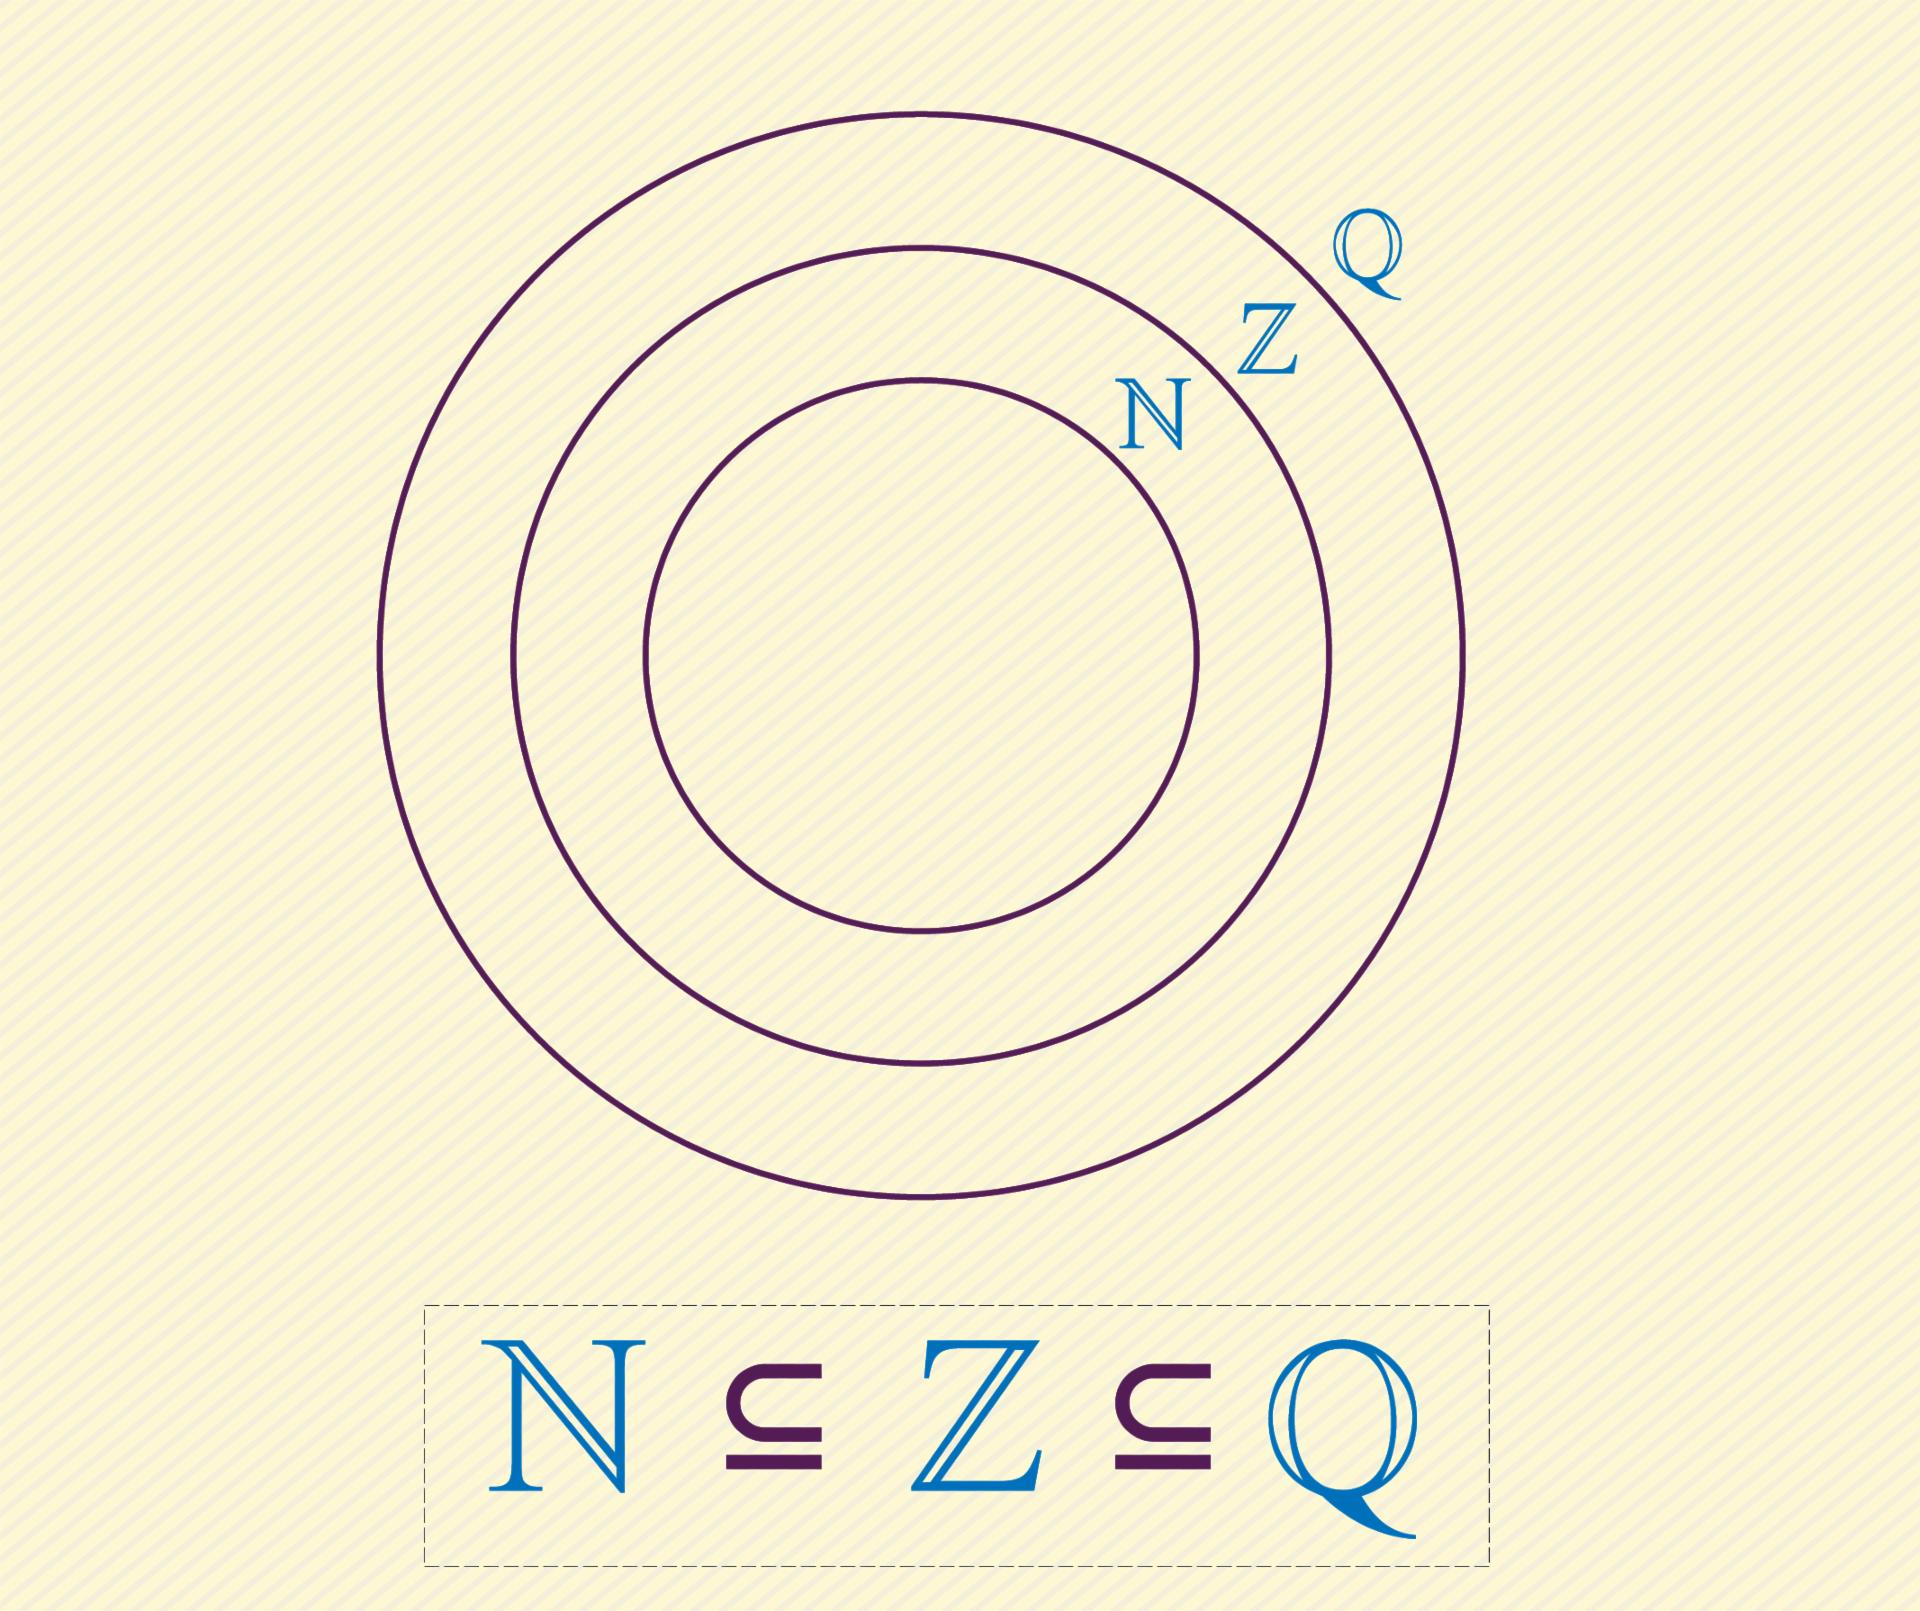 Relación de contenencia entre los conjuntos numéricos.